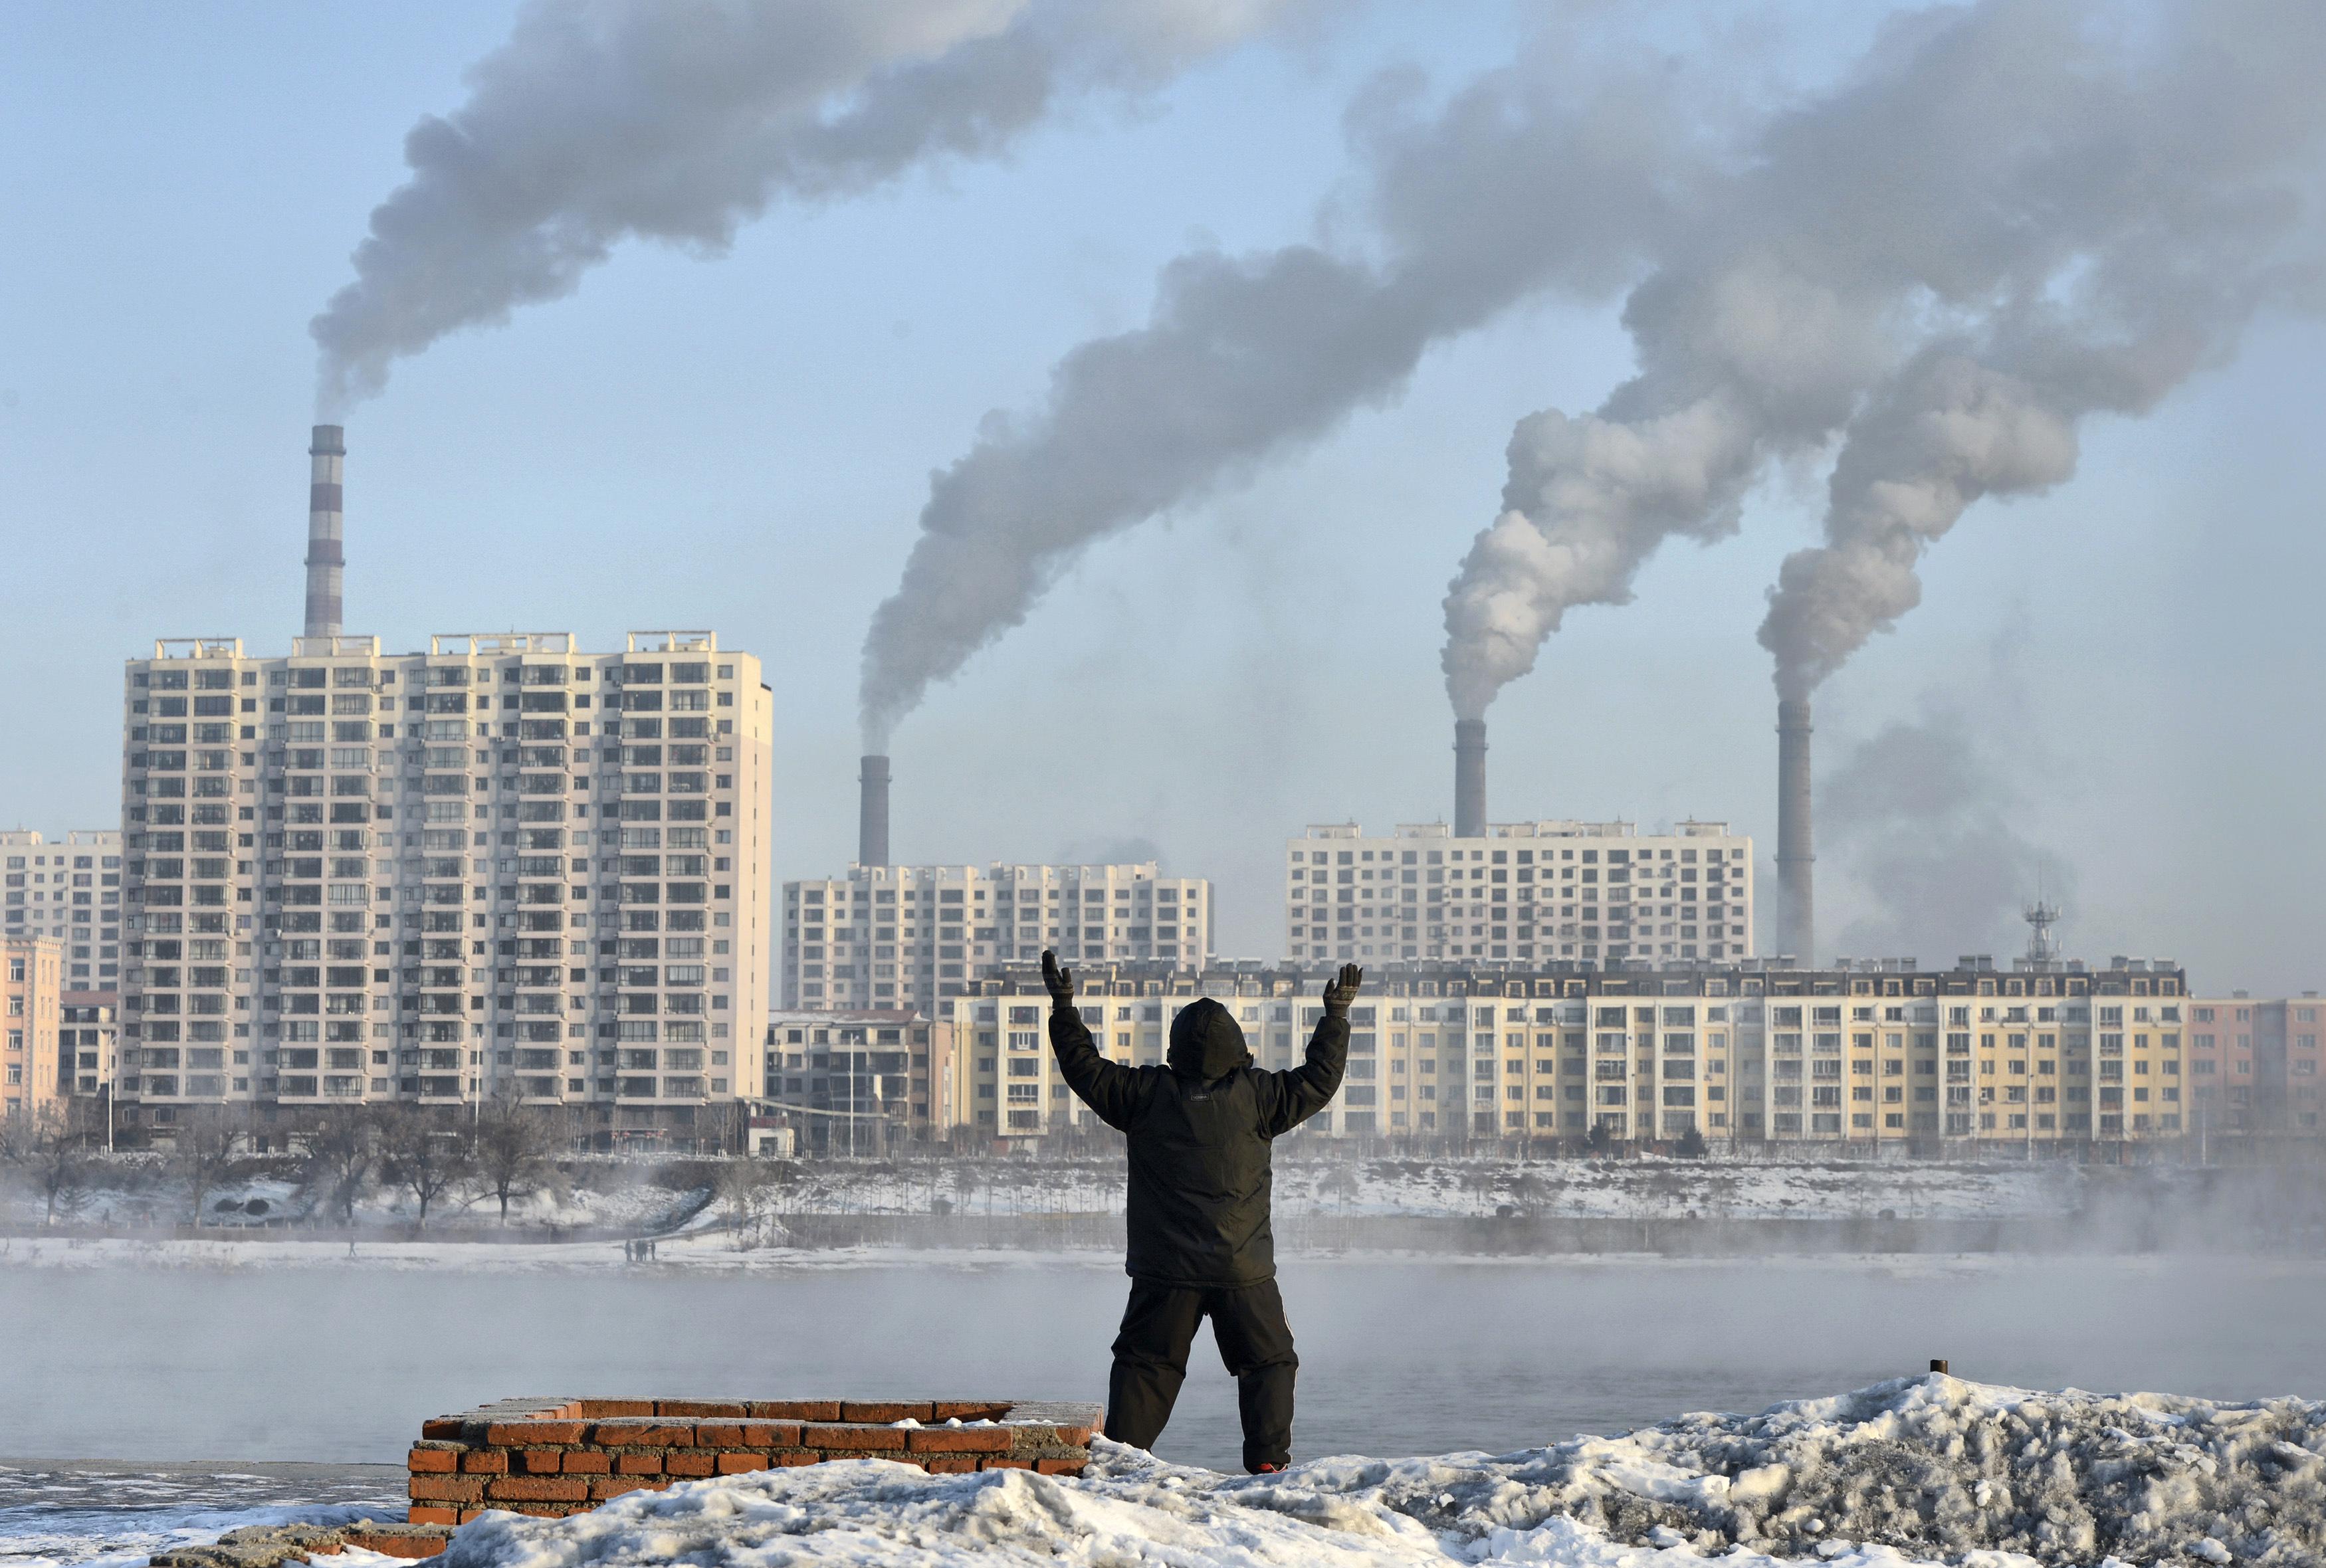 хоть учёные фотографии на тему экология россии очень сложно